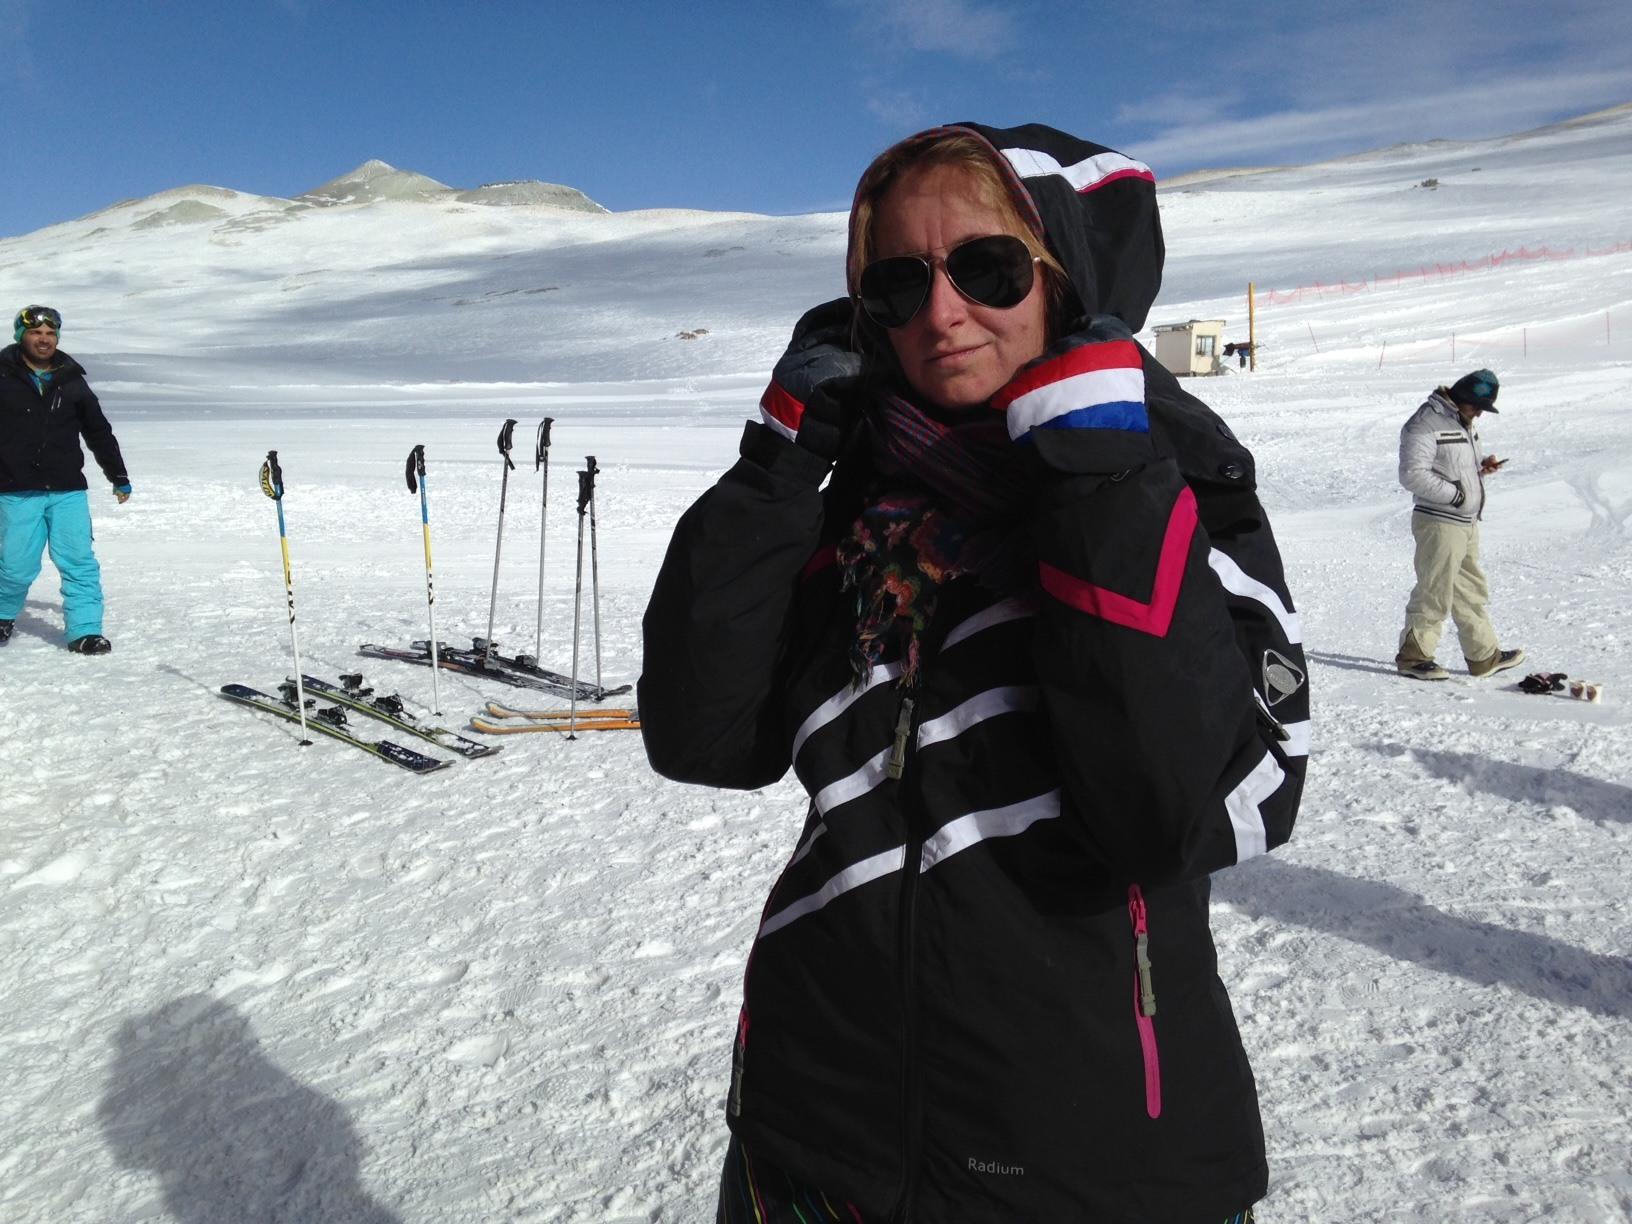 Trespass jeanie ski jacket Iran